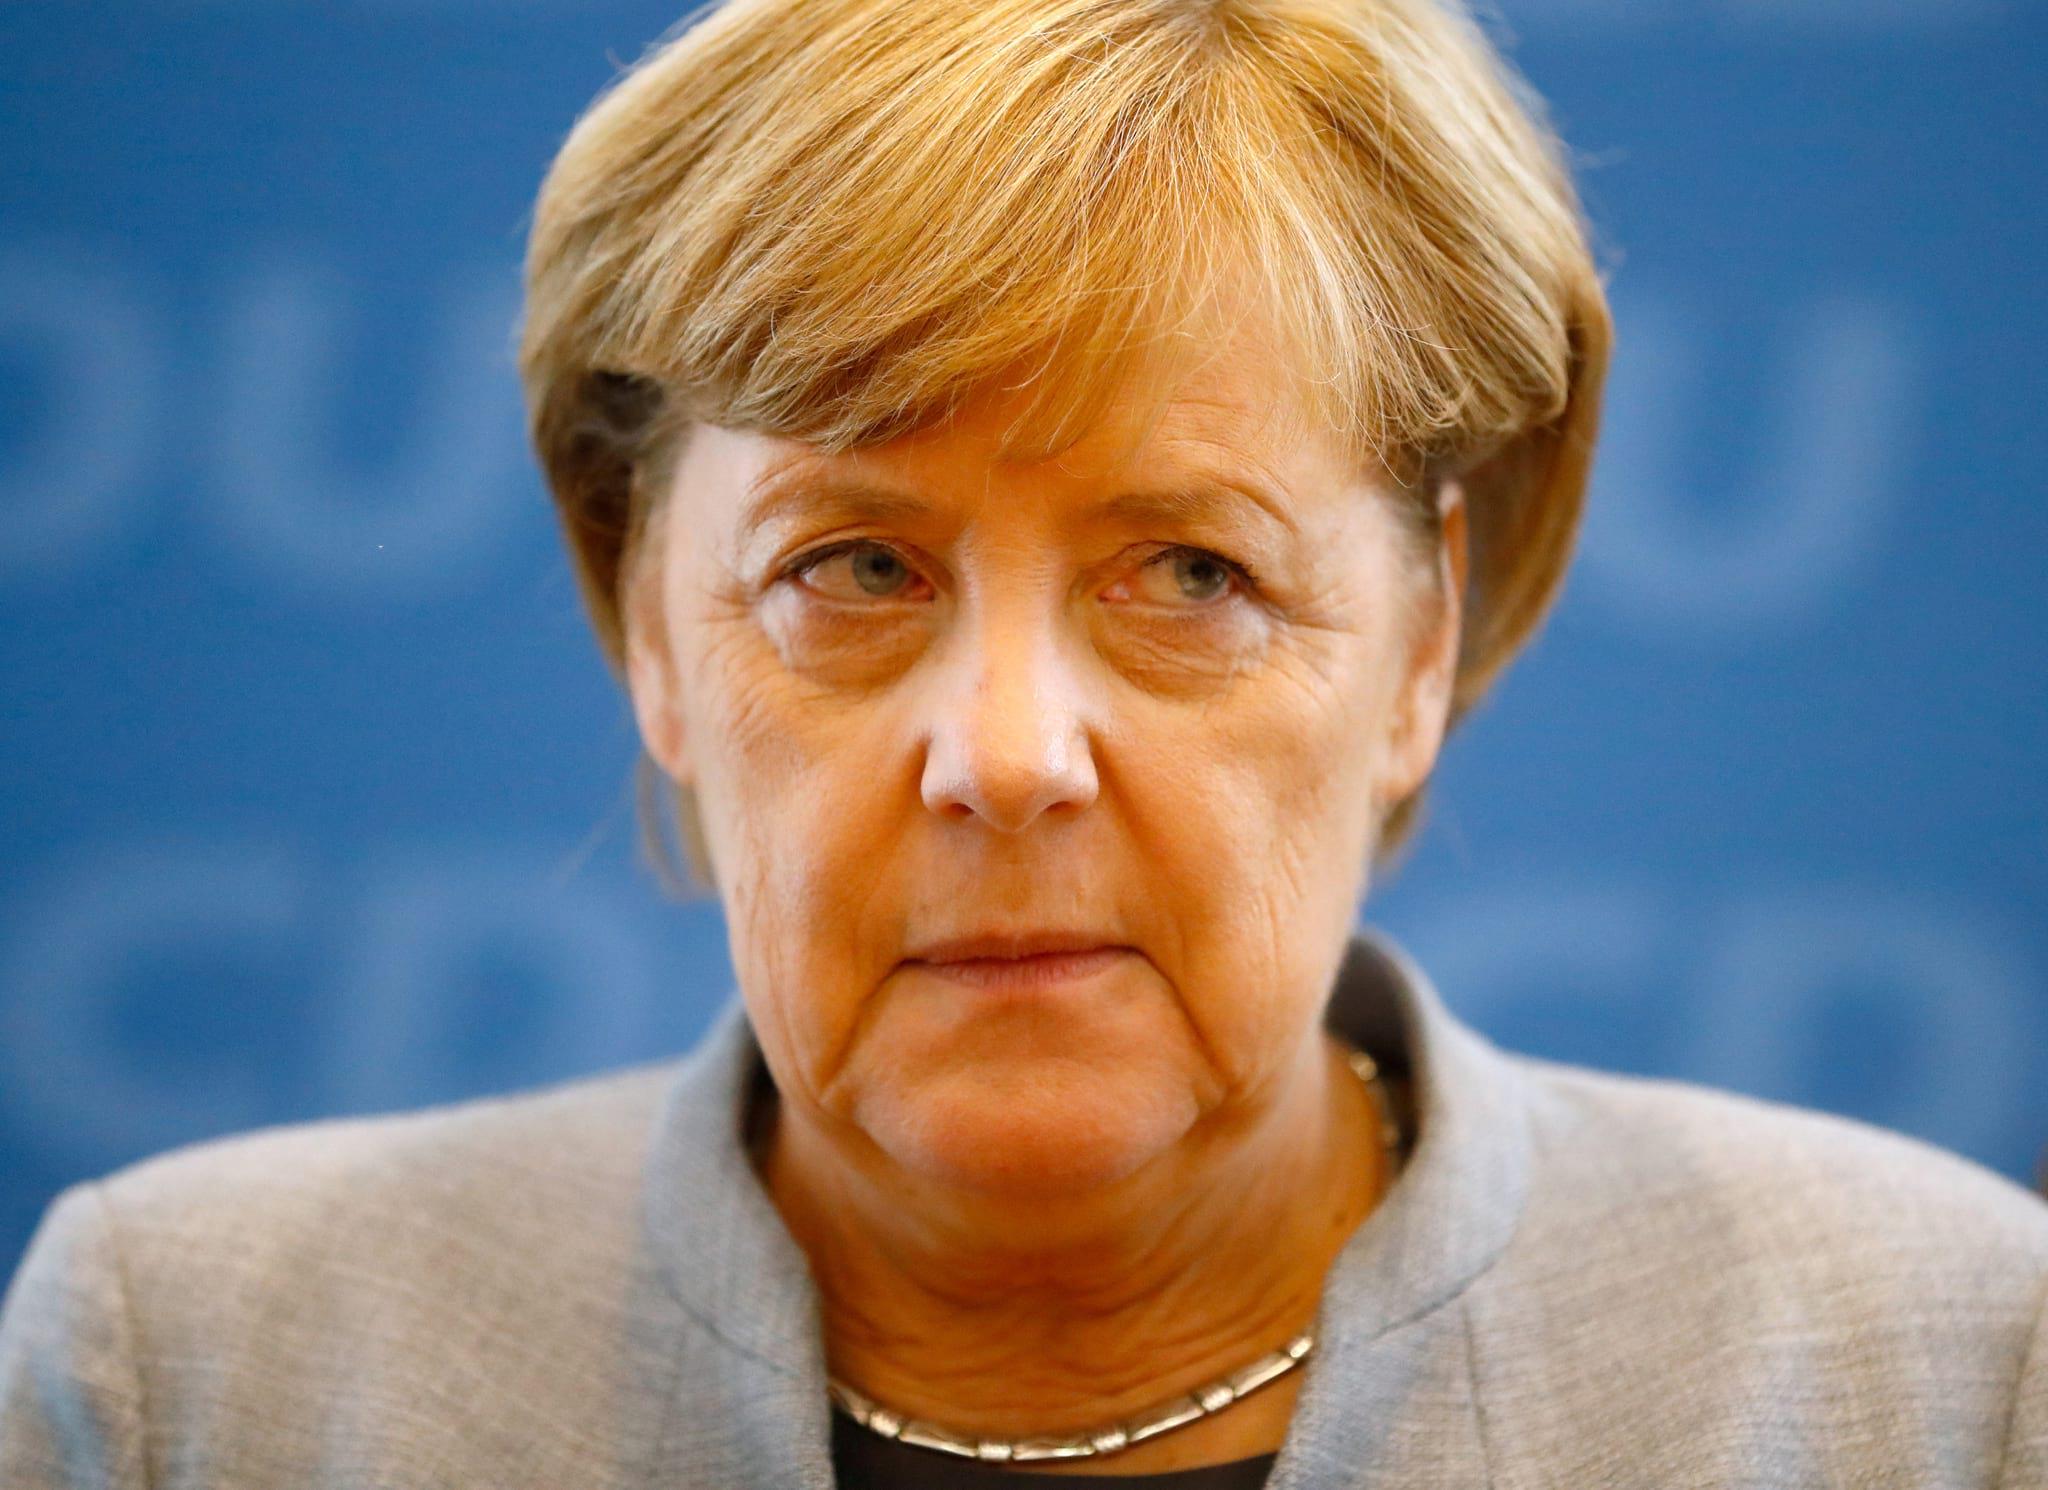 PÚBLICO - Eleições abrem período de incerteza na Alemanha